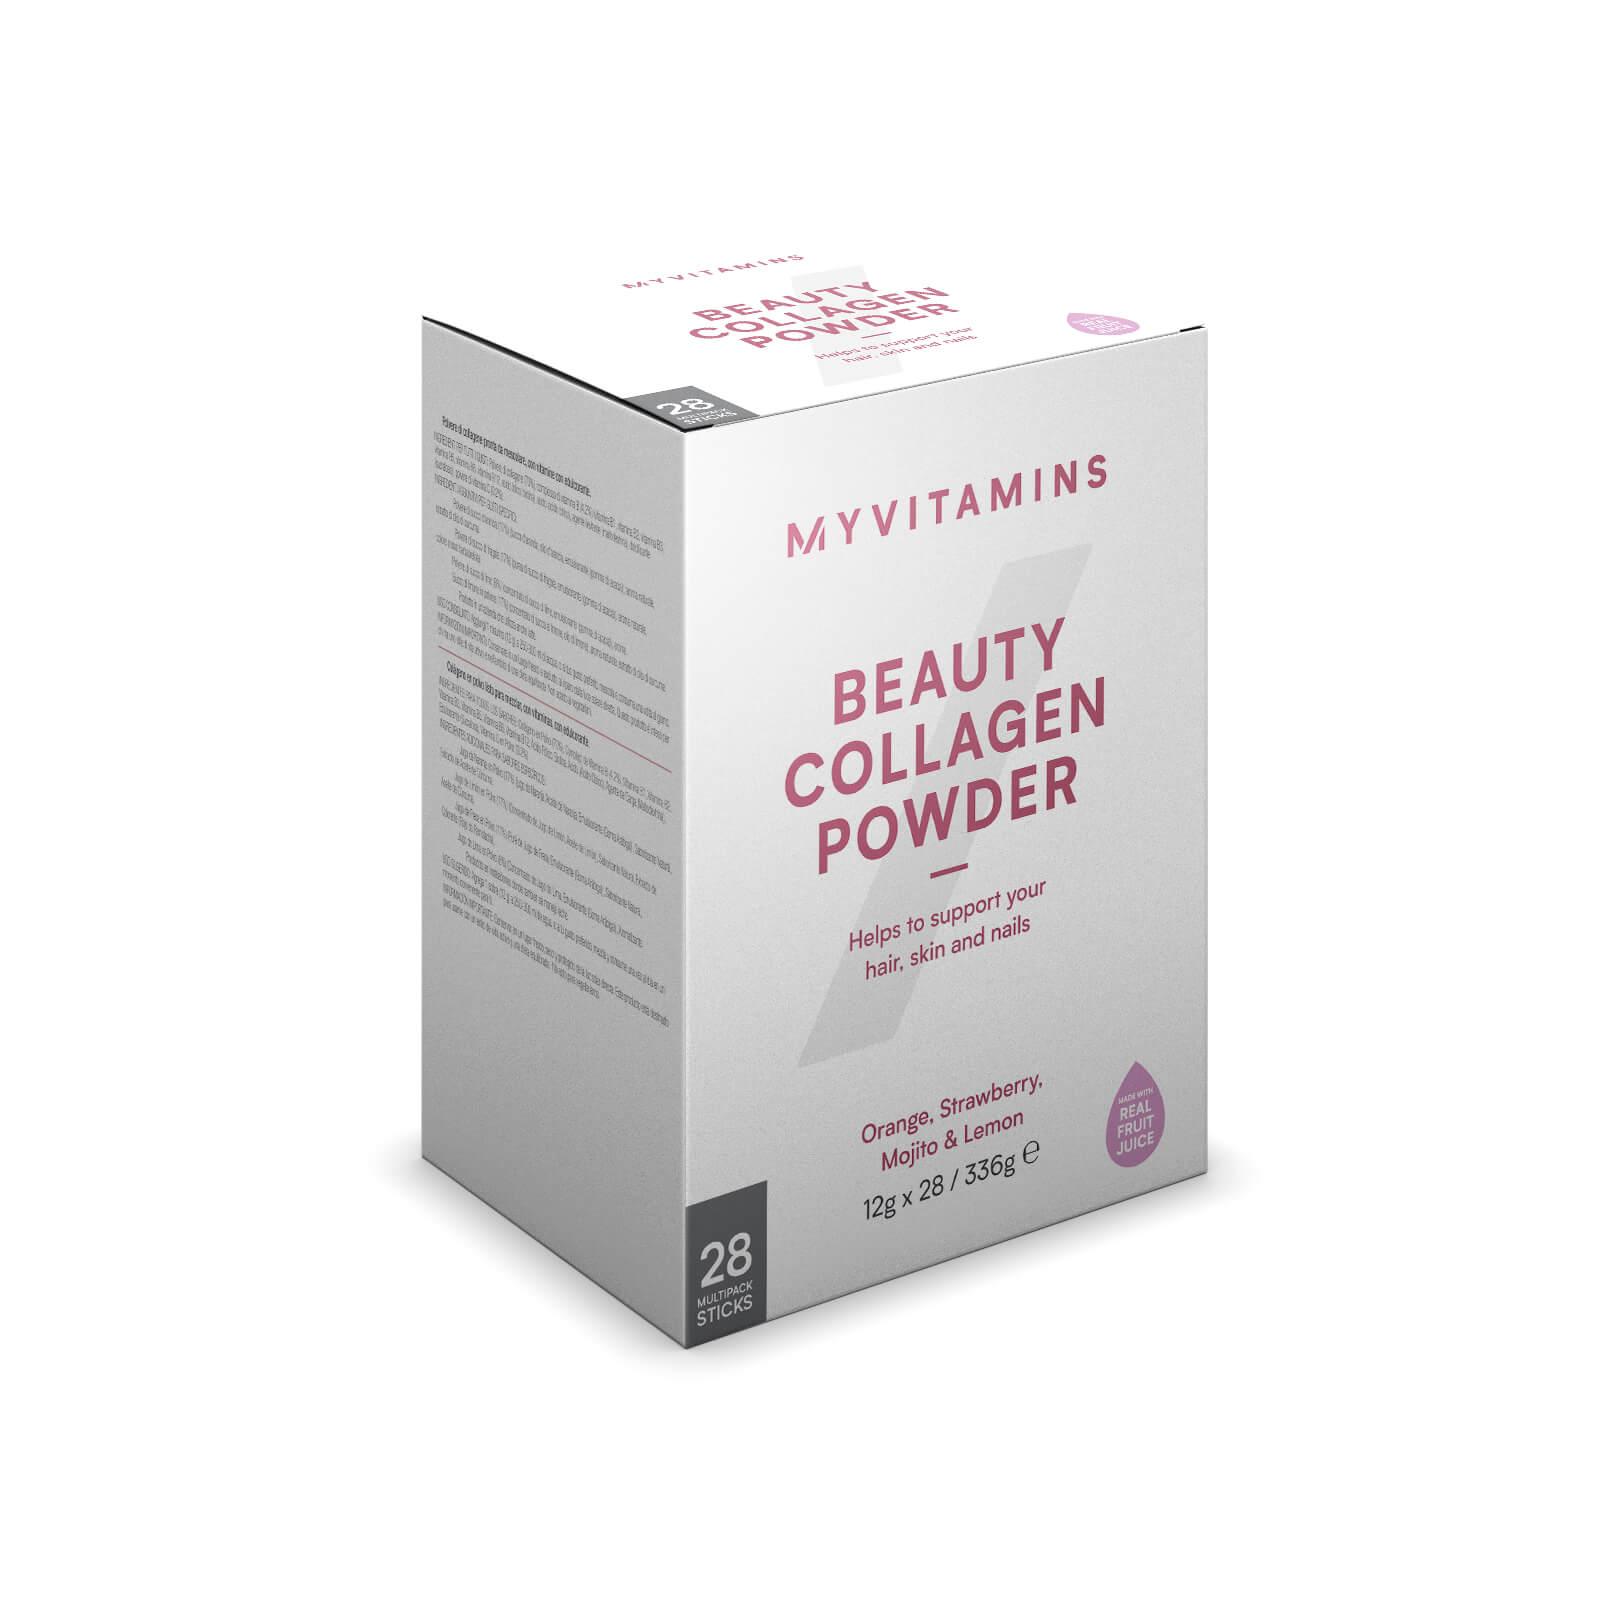 10 Best Collagen Powders | My Vitamins Beauty Collagen Powder | Beanstalk Mums